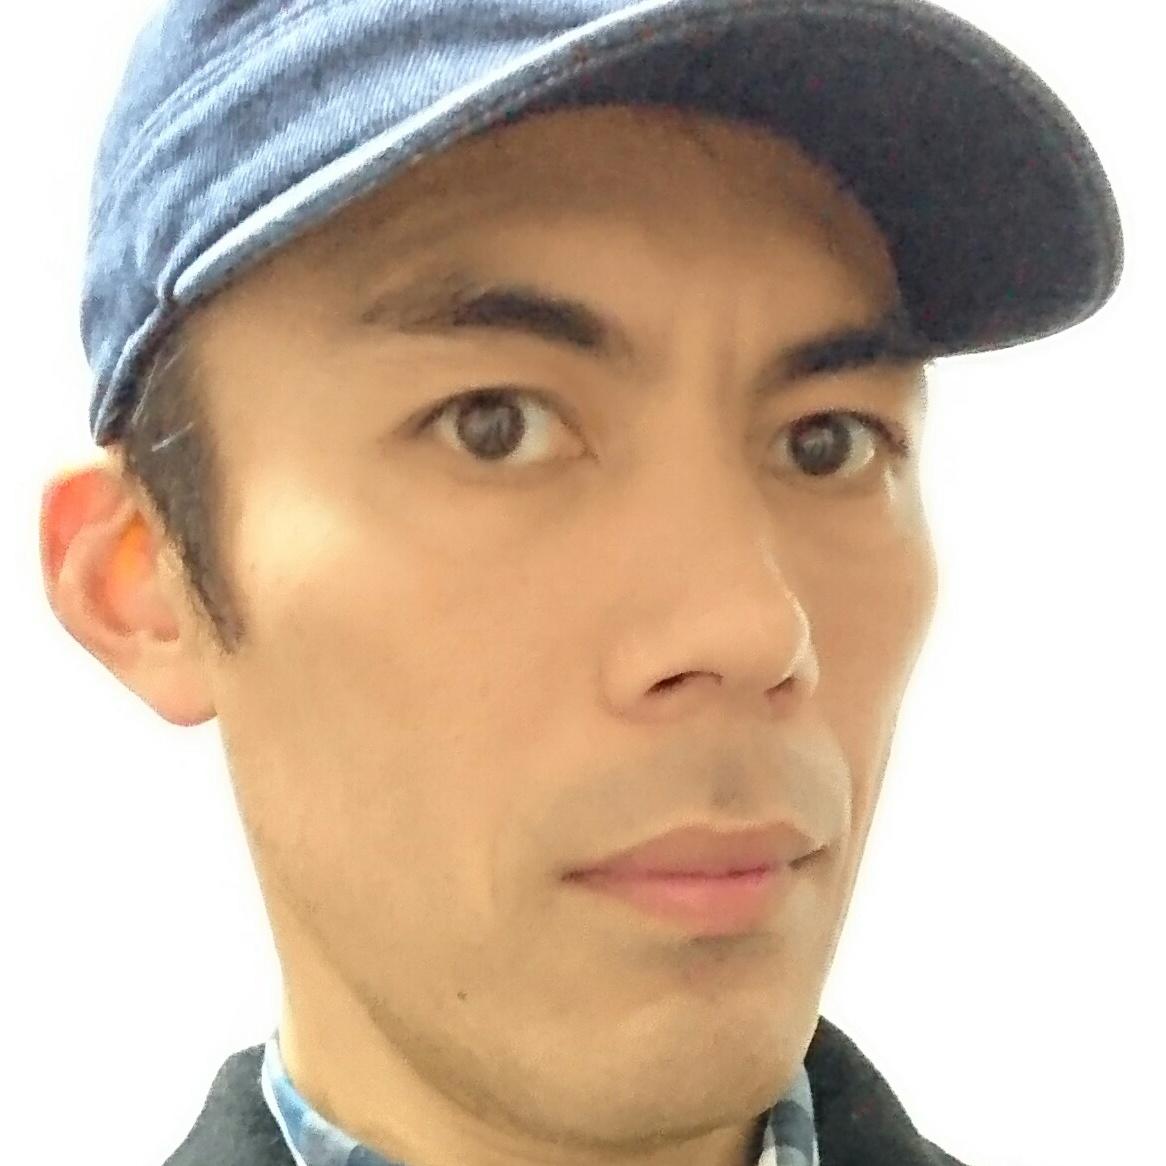 かっちゃんのプロフィール画像